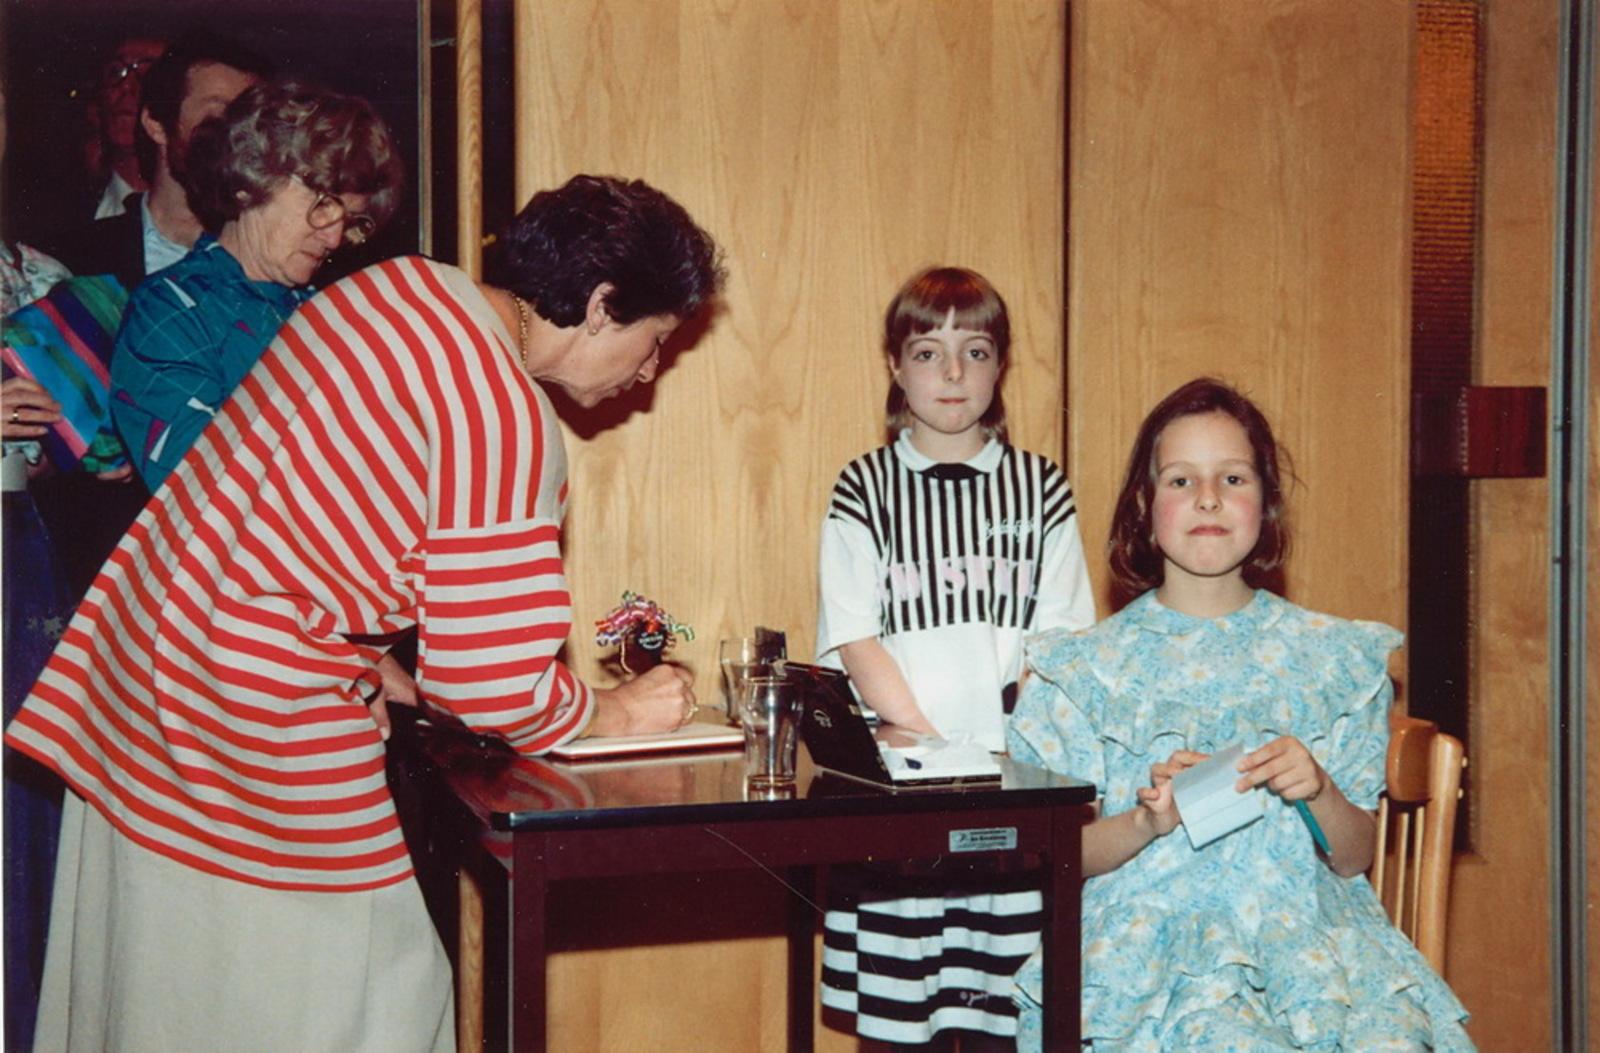 Marktlaan O 0022 1988 Sigarenboer Kraak 50jr Jub en Sluiting 52